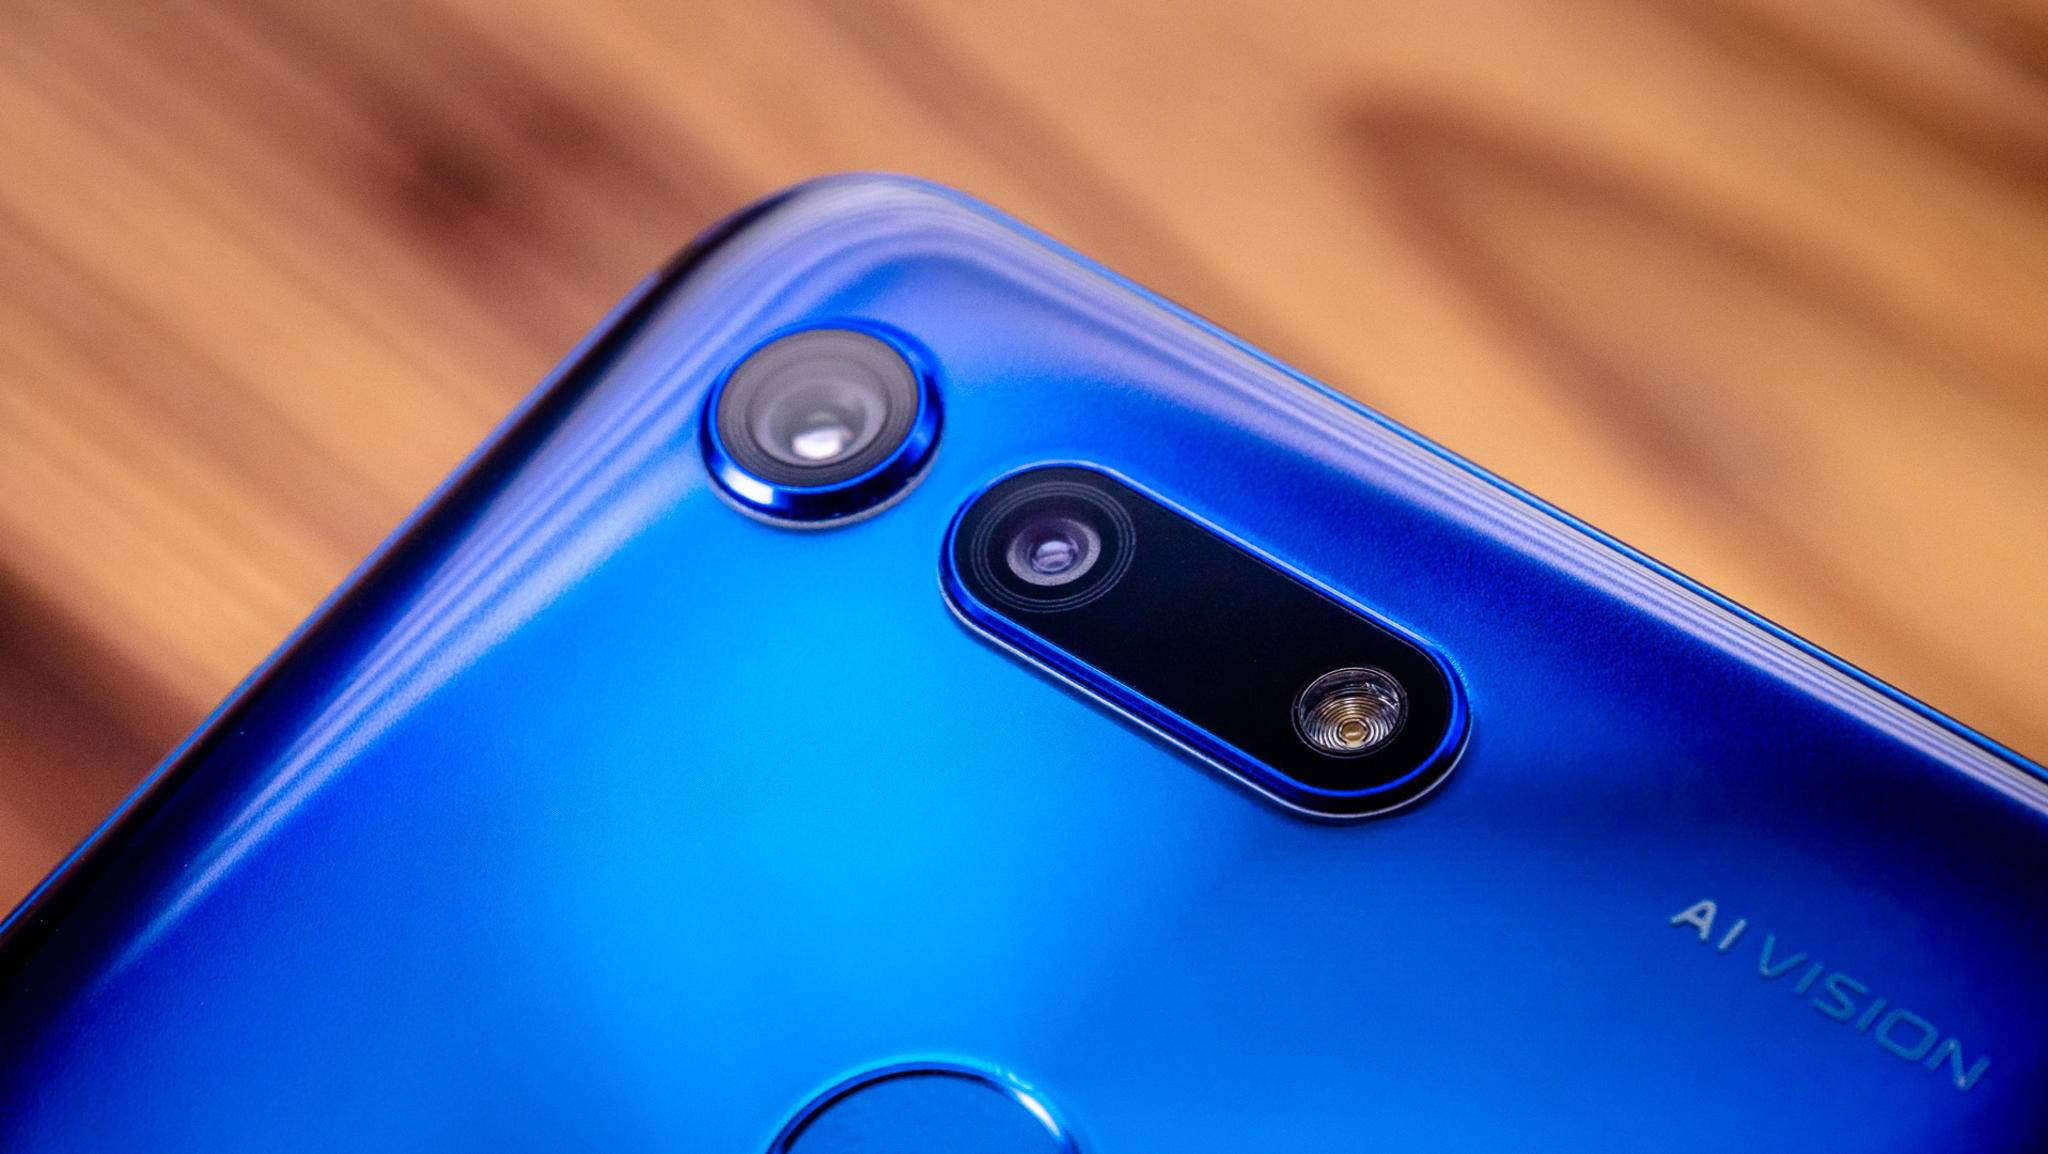 Das Honor View 20 ist das erste Smartphone mit einer modernen 3D-Kamera.